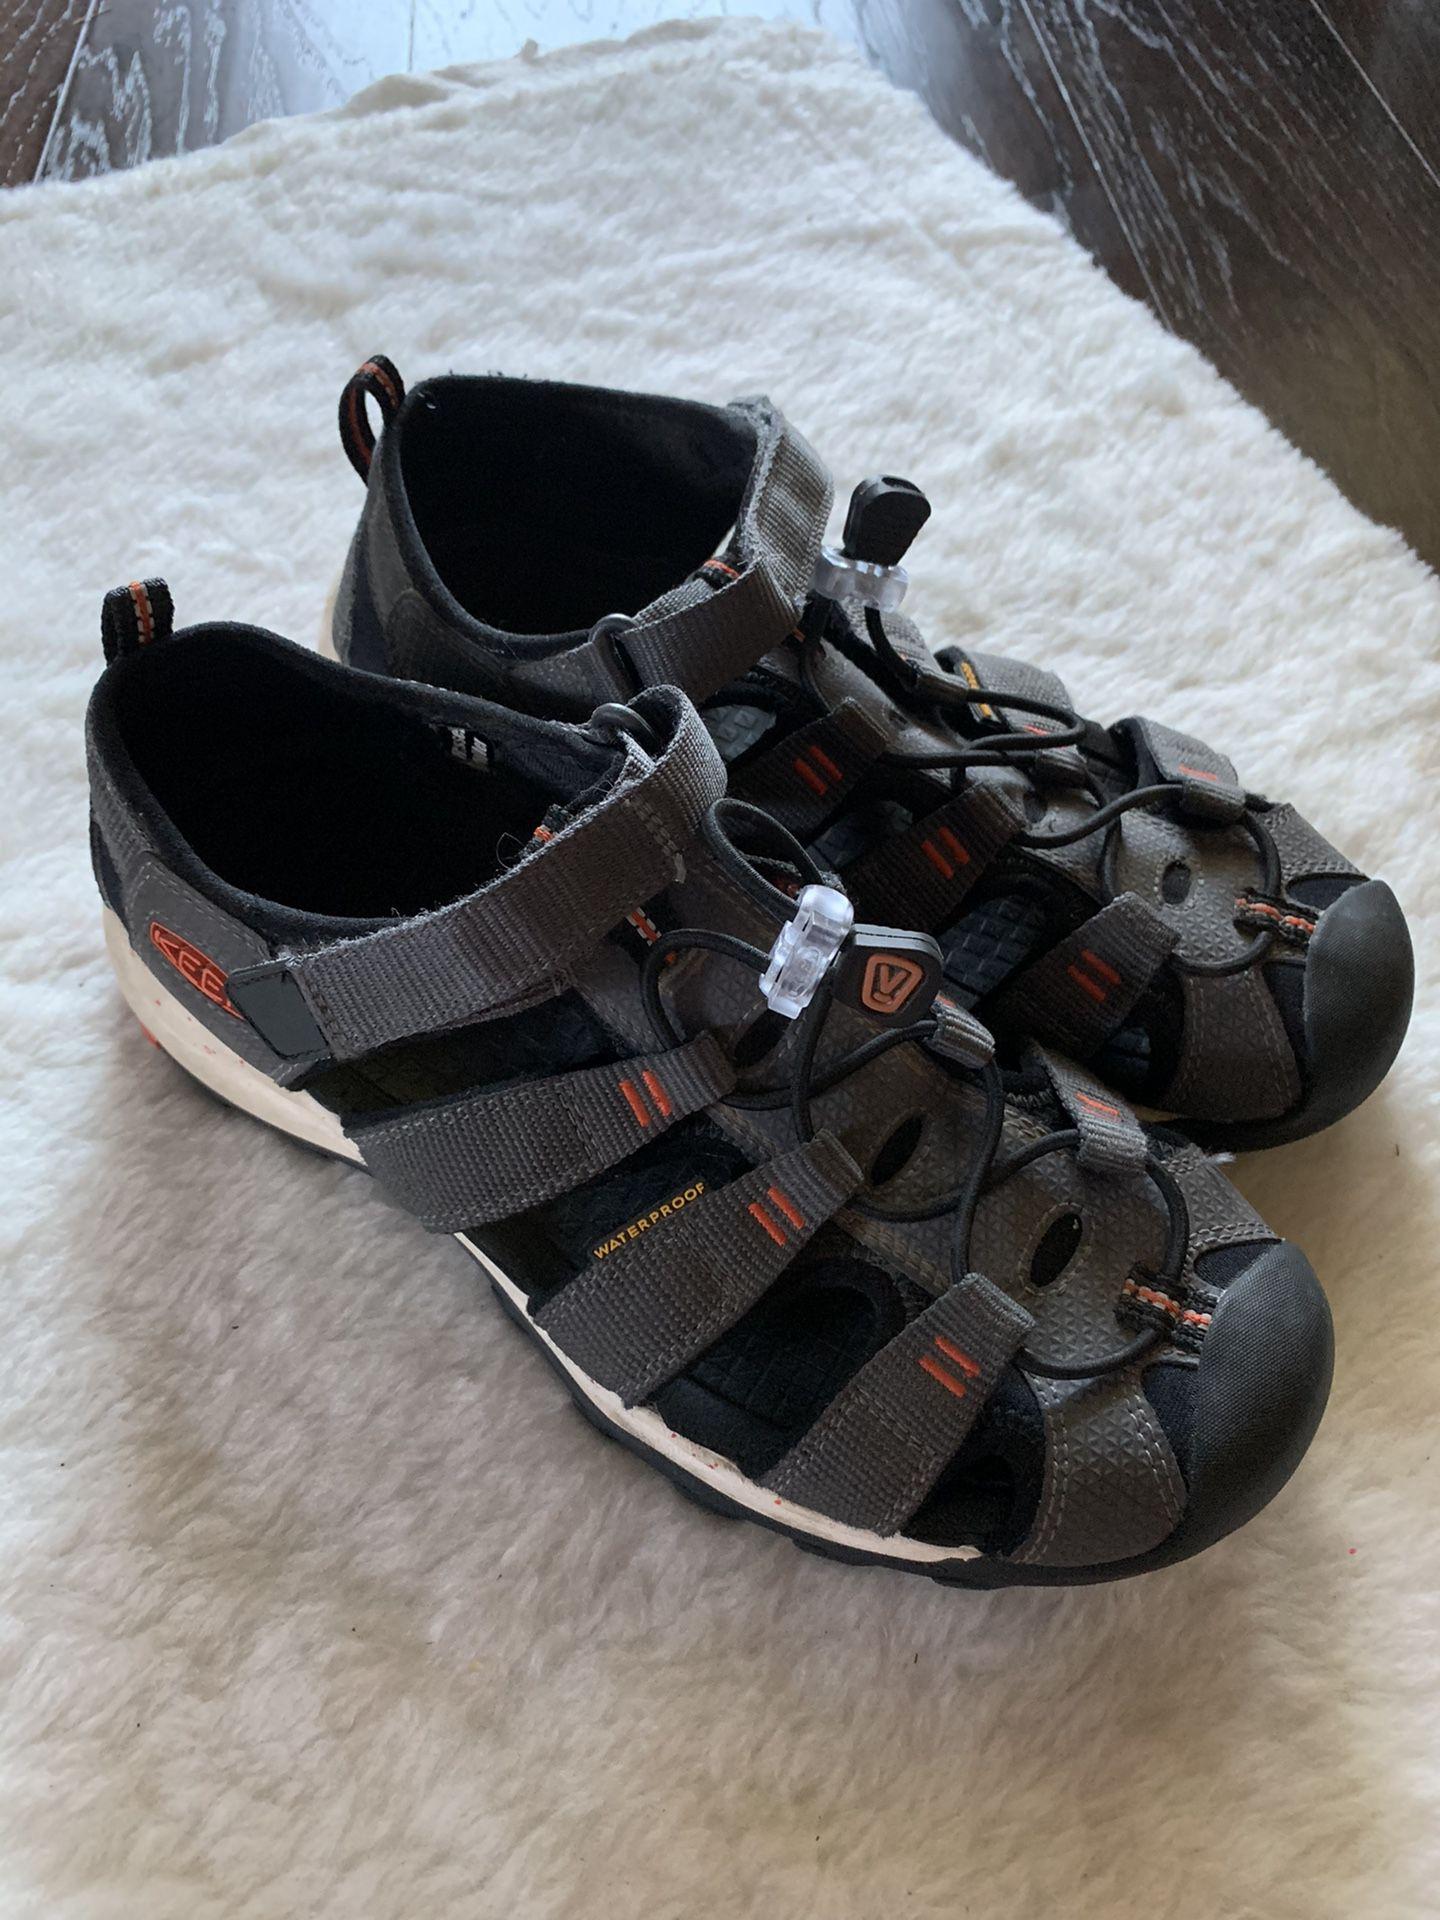 Keen close toe shoes Size 5 Women